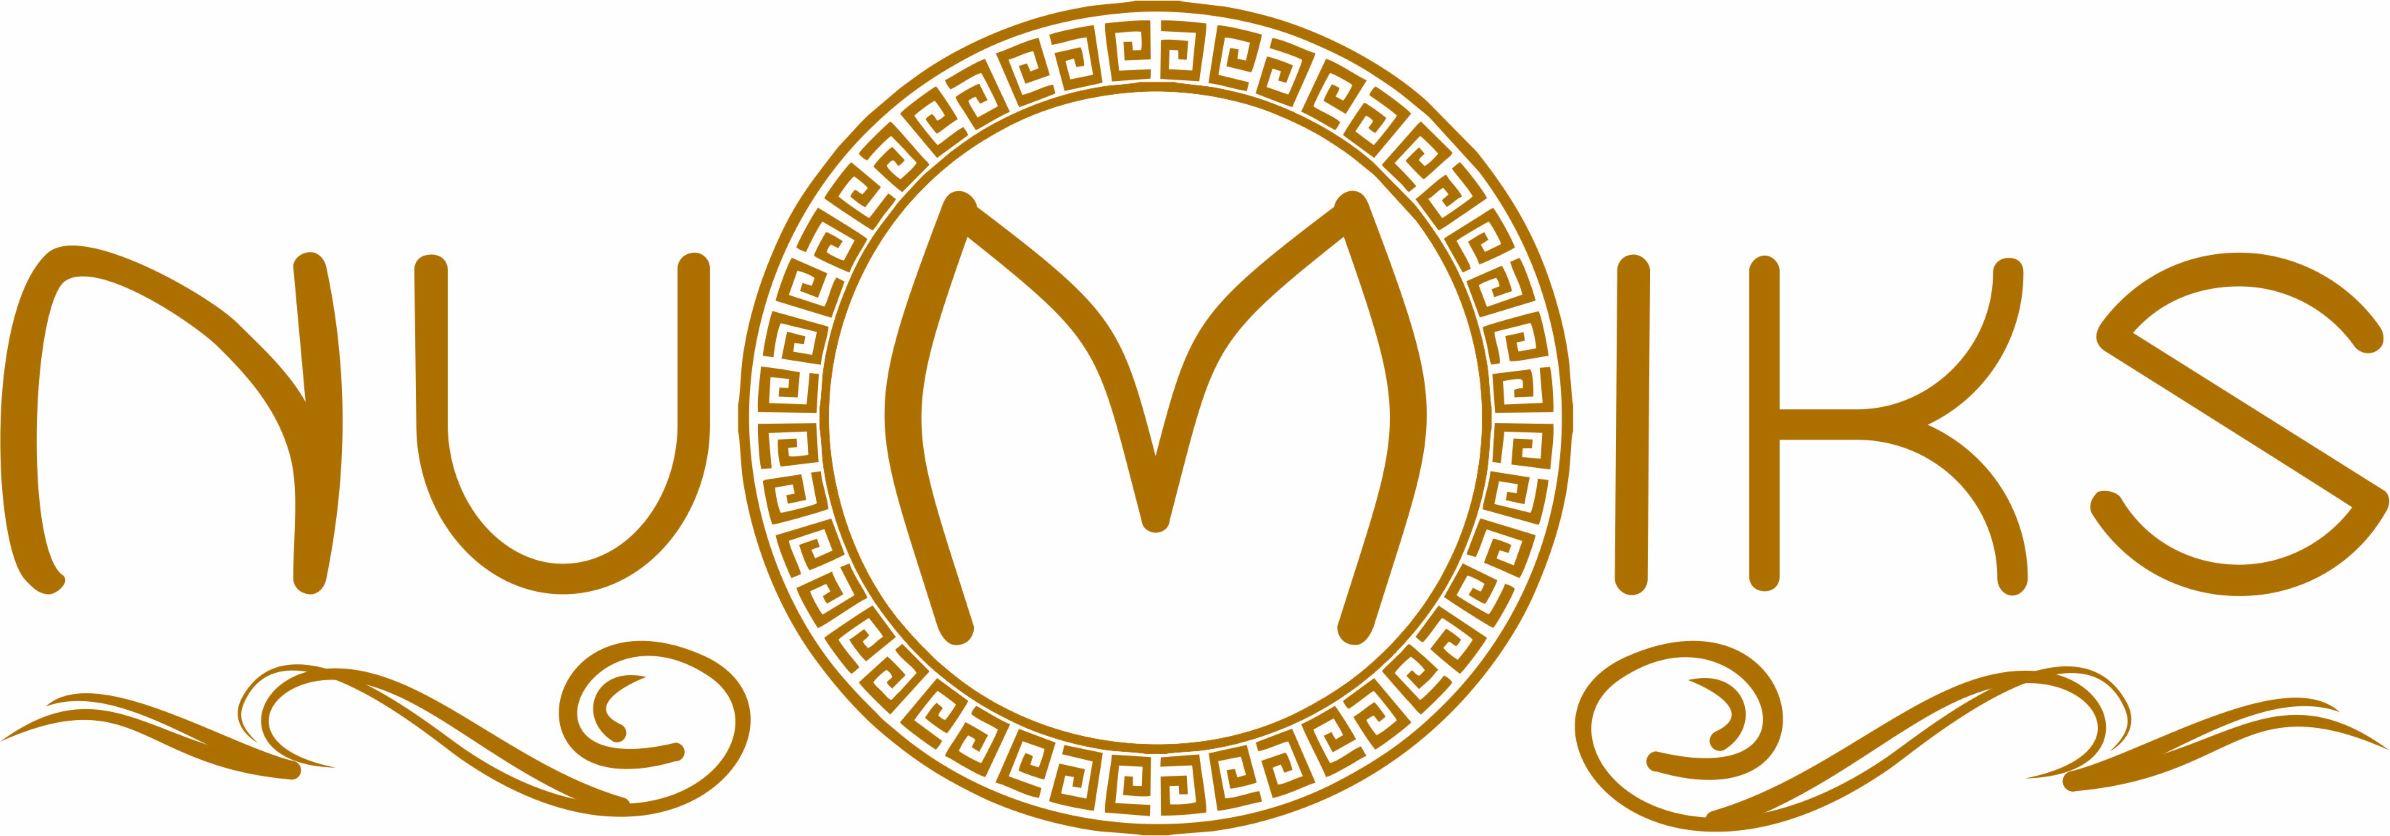 Логотип для интернет-магазина фото f_9575ecd252d445f2.jpg